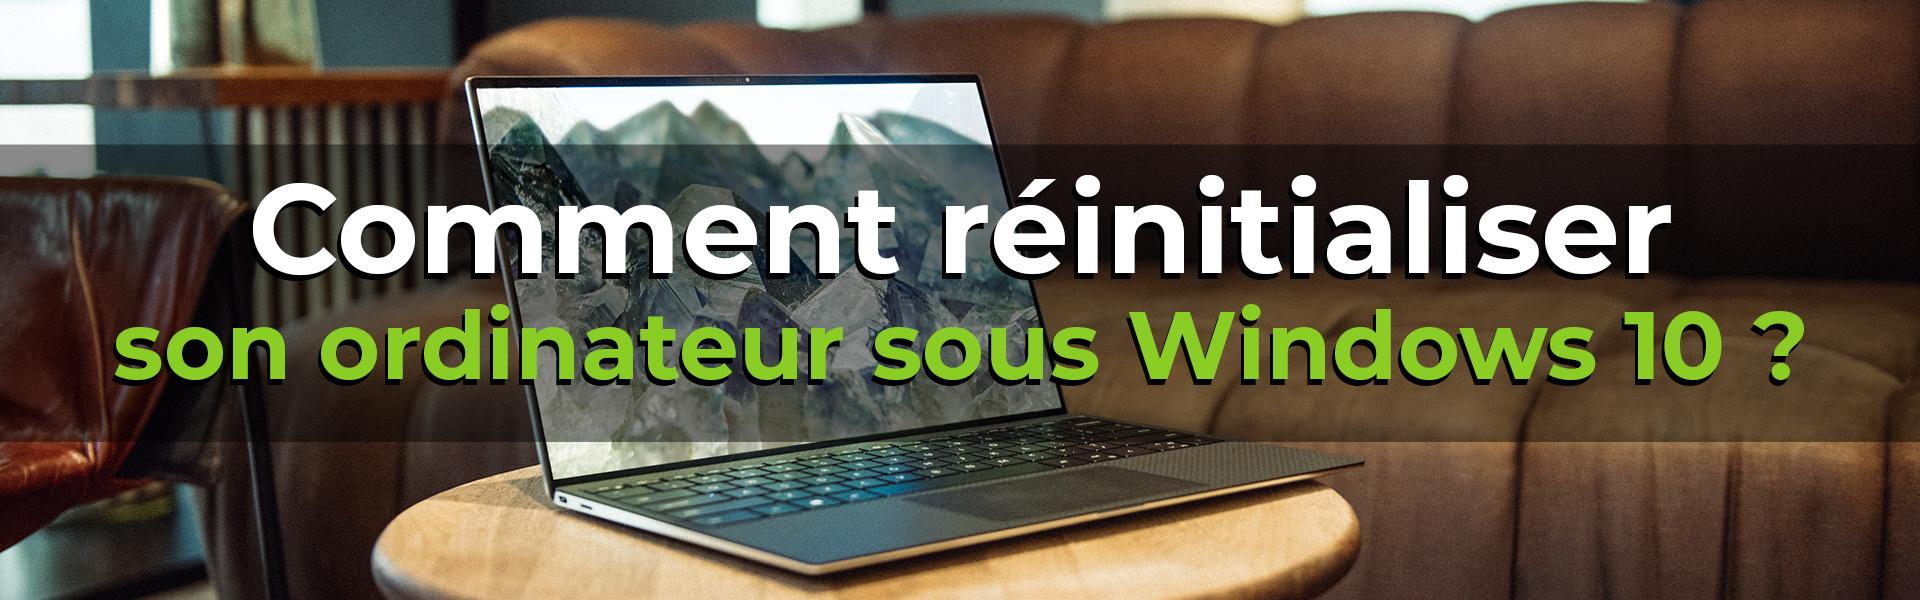 Comment réinitialiser son ordinateur sous Windows 10 ?